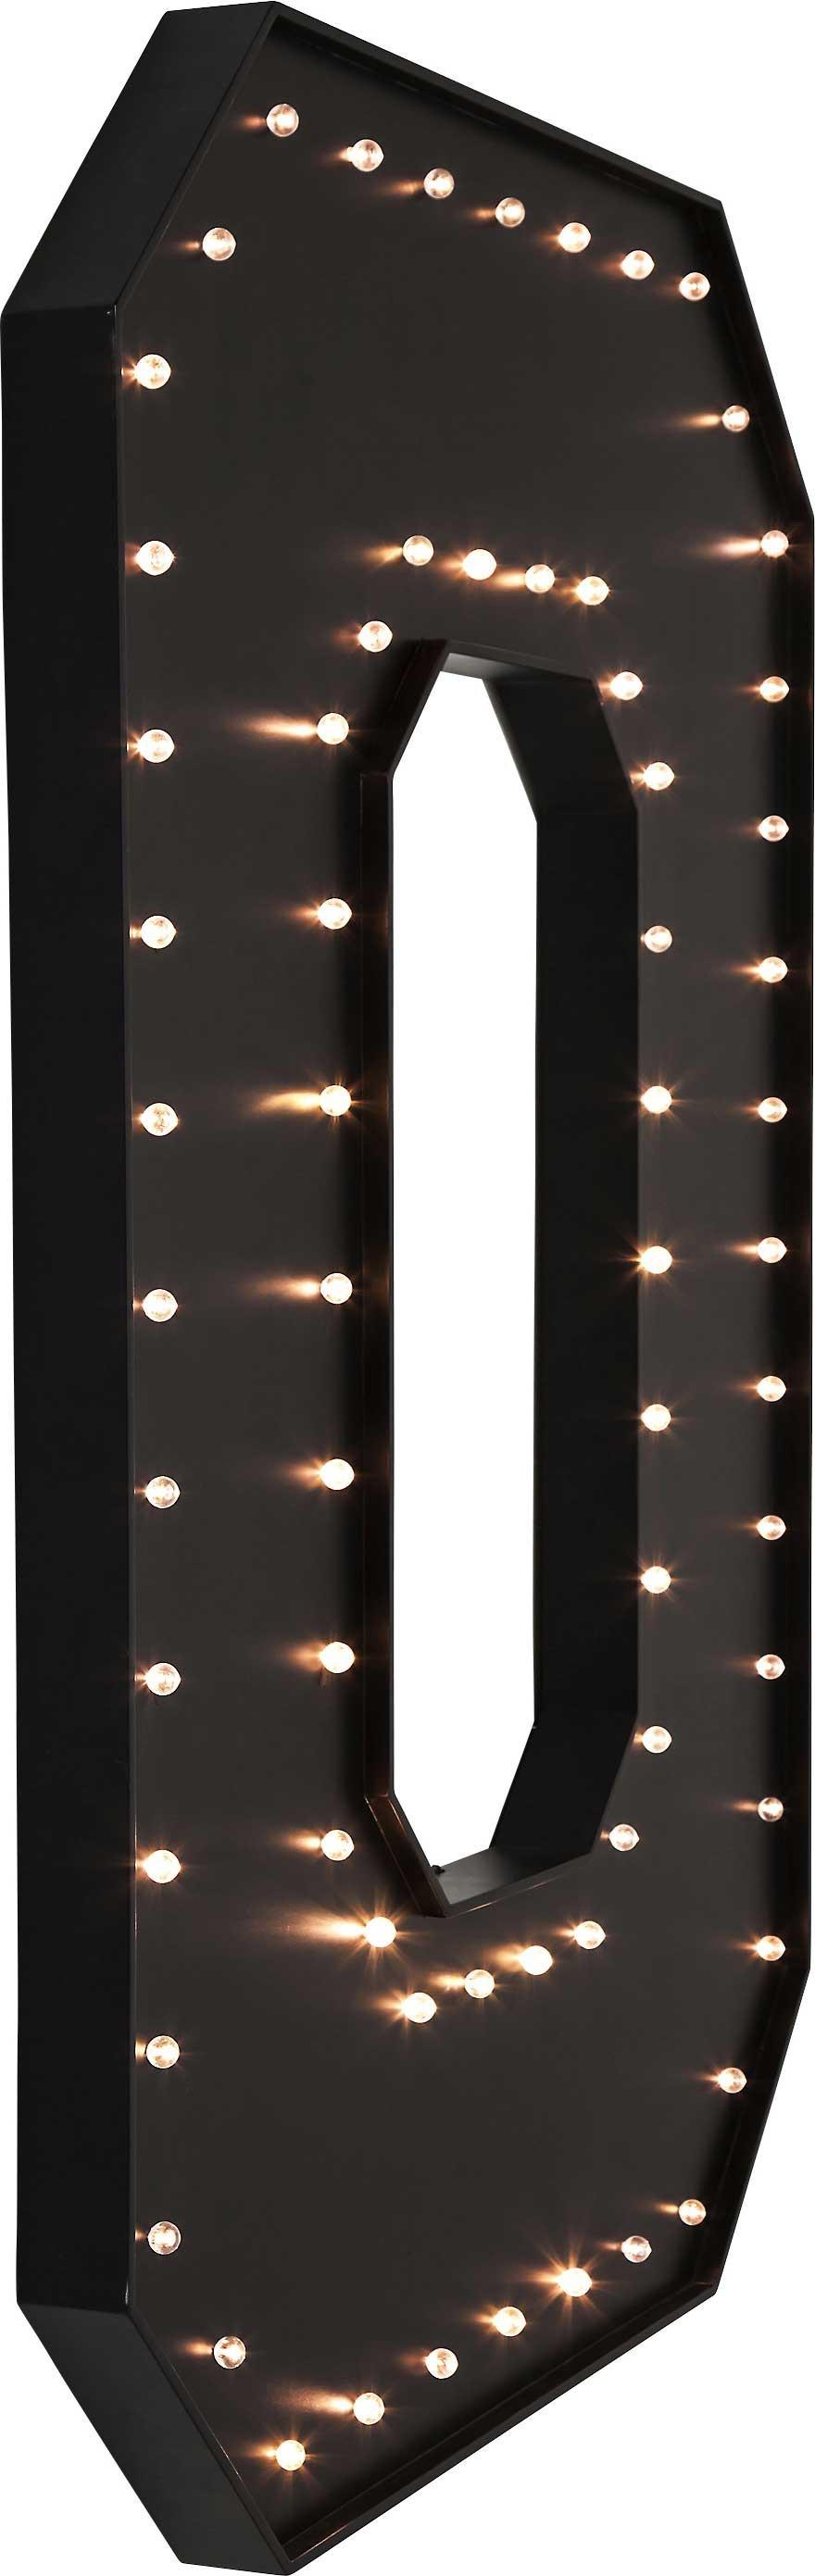 DEL 8 W Extérieur Rectangulaire Noir cloison IP44 jardin murale Site Light 110-240 V